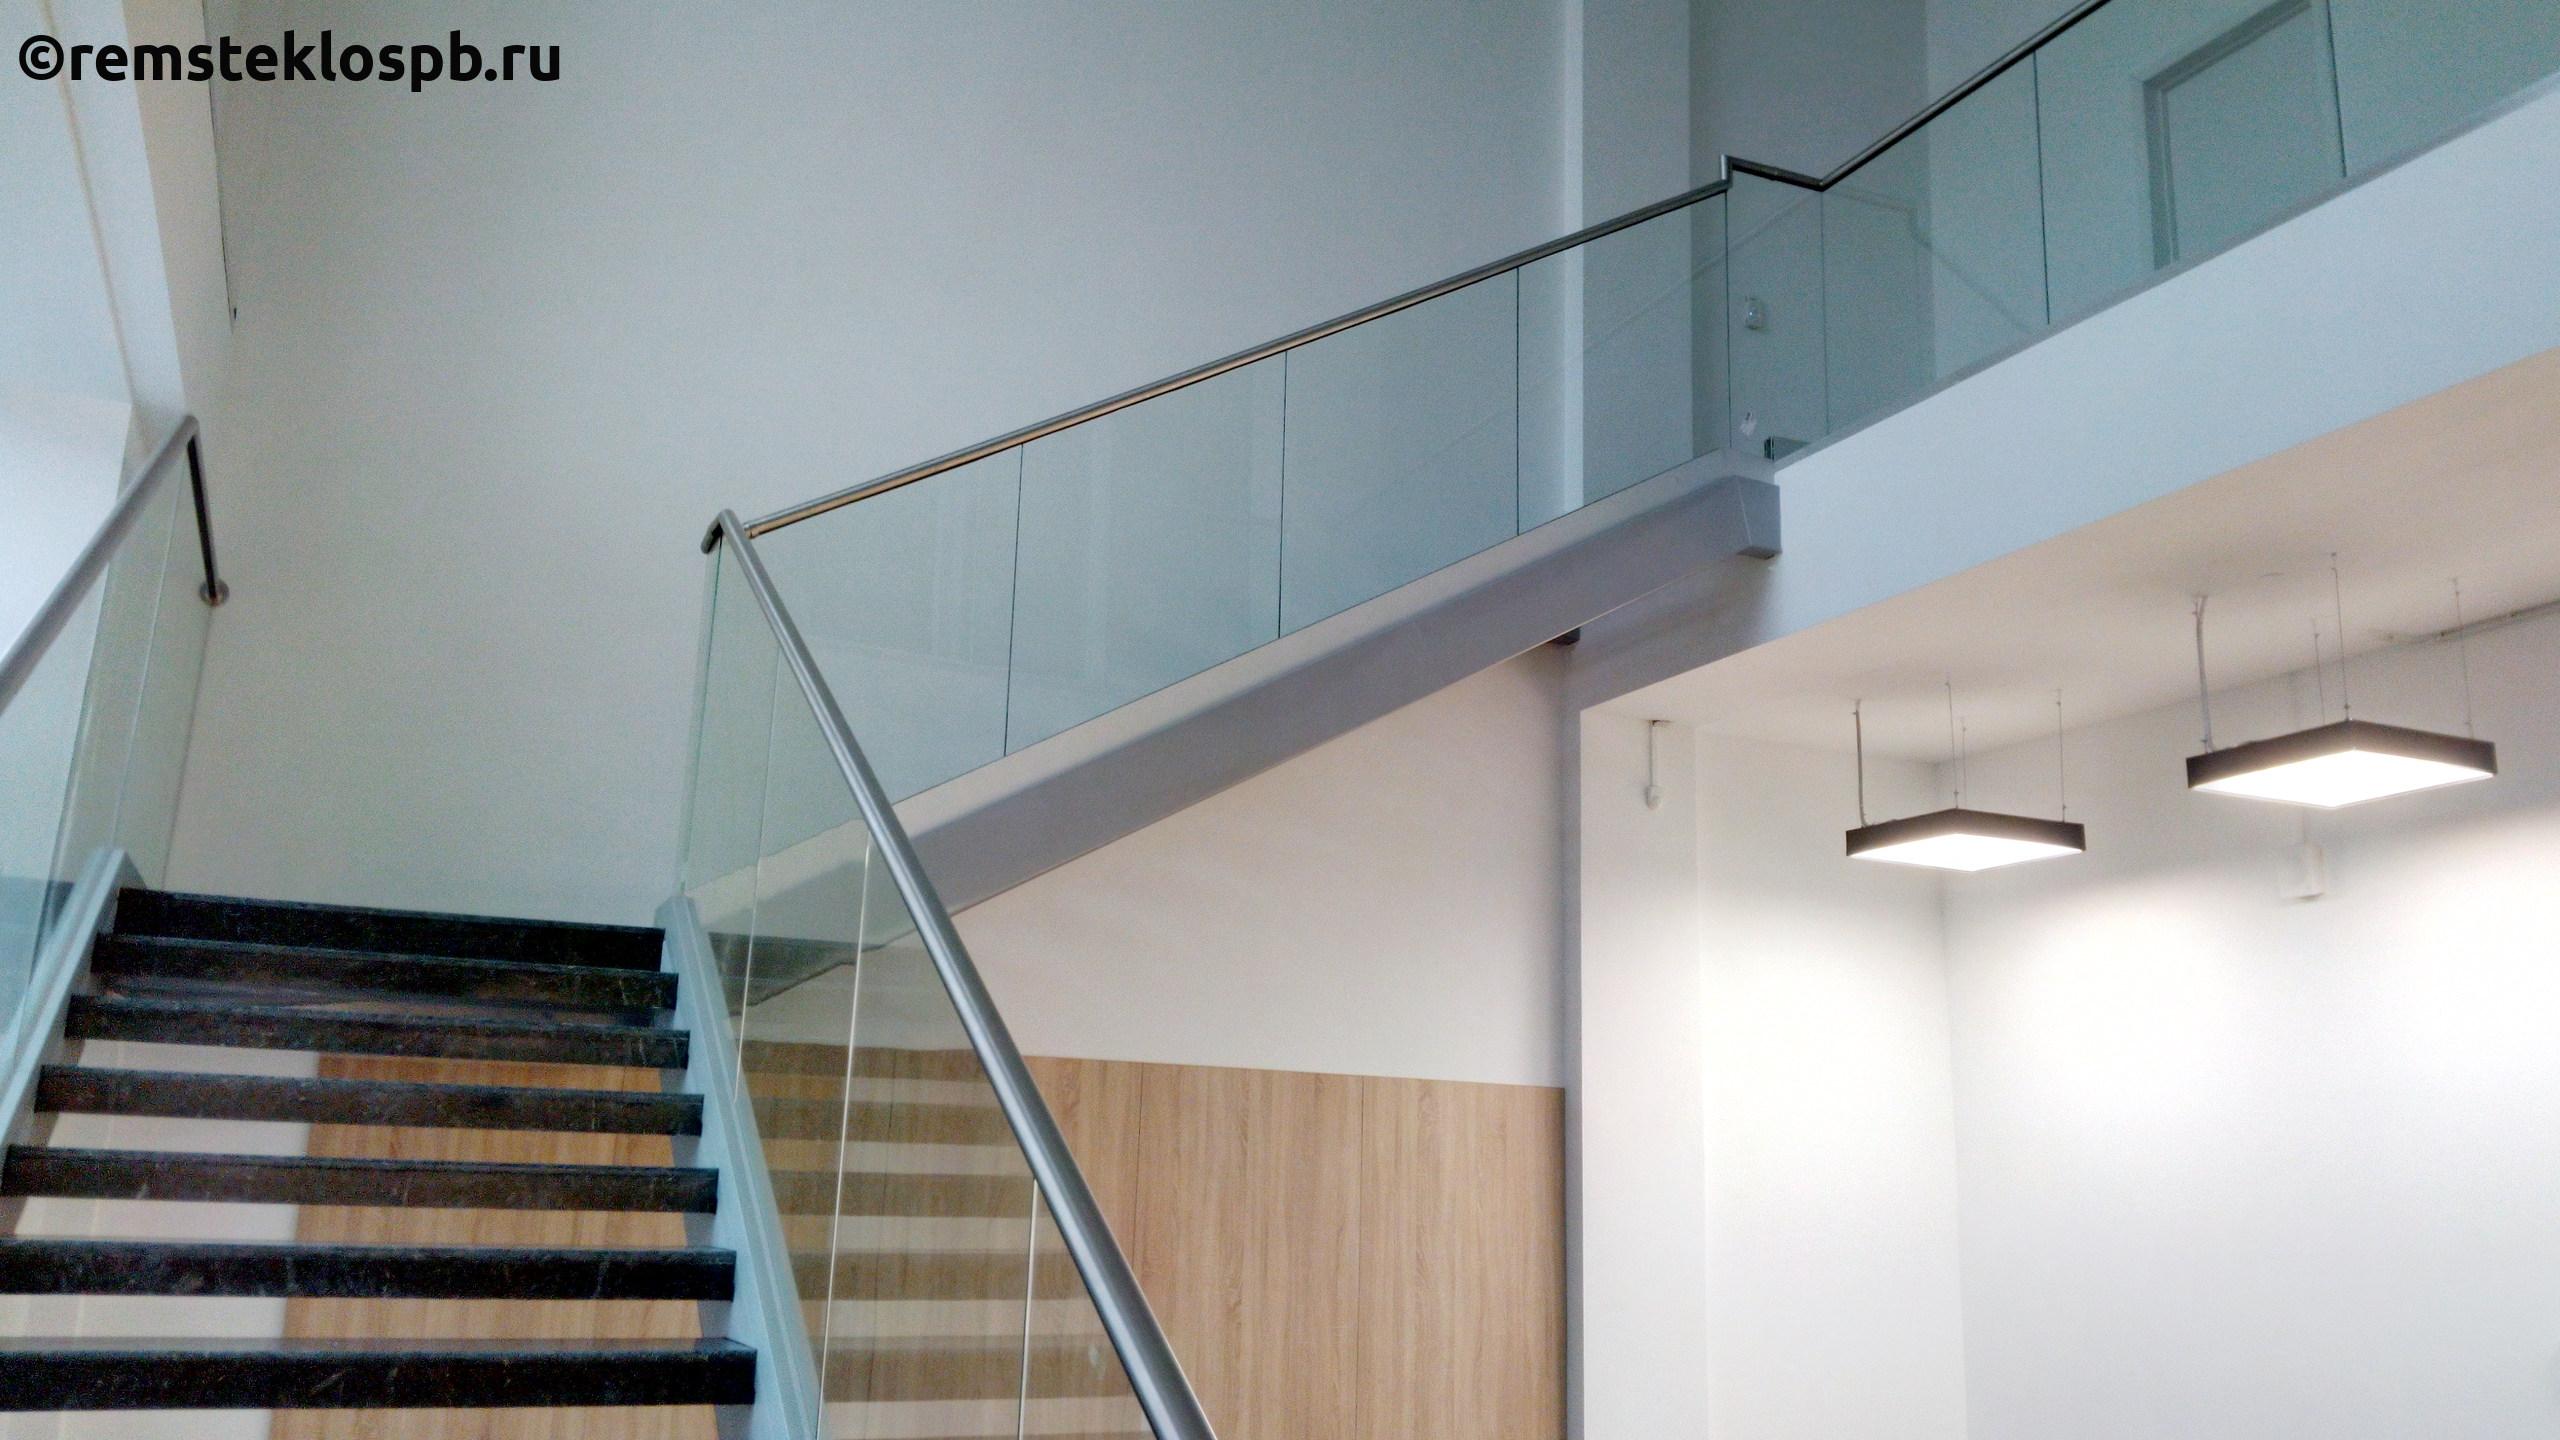 Полировка стеклянной лестницы